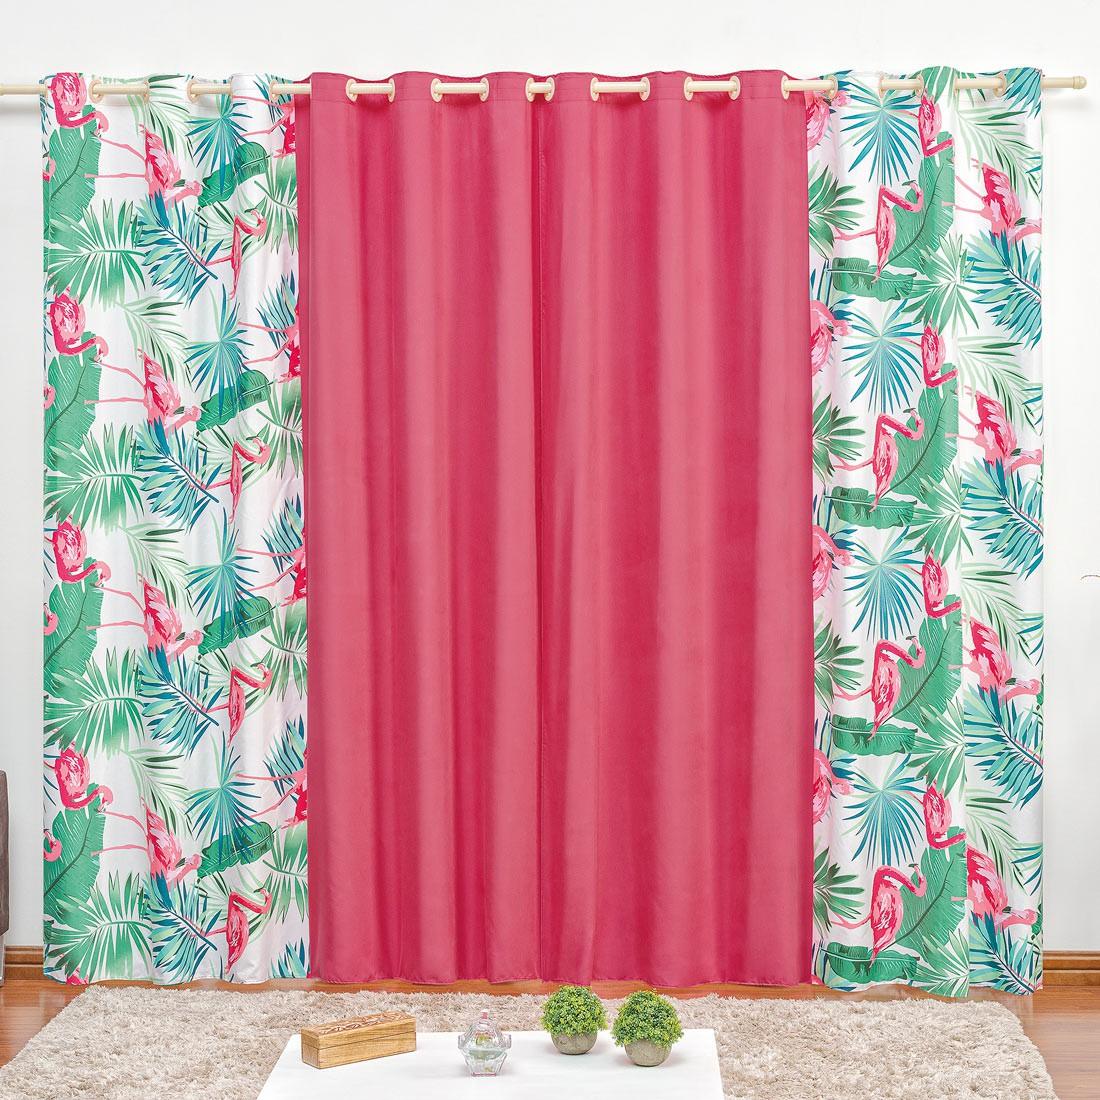 Cortina Forest Flamingo 3,00m x 2,60m p/ Varão Simples